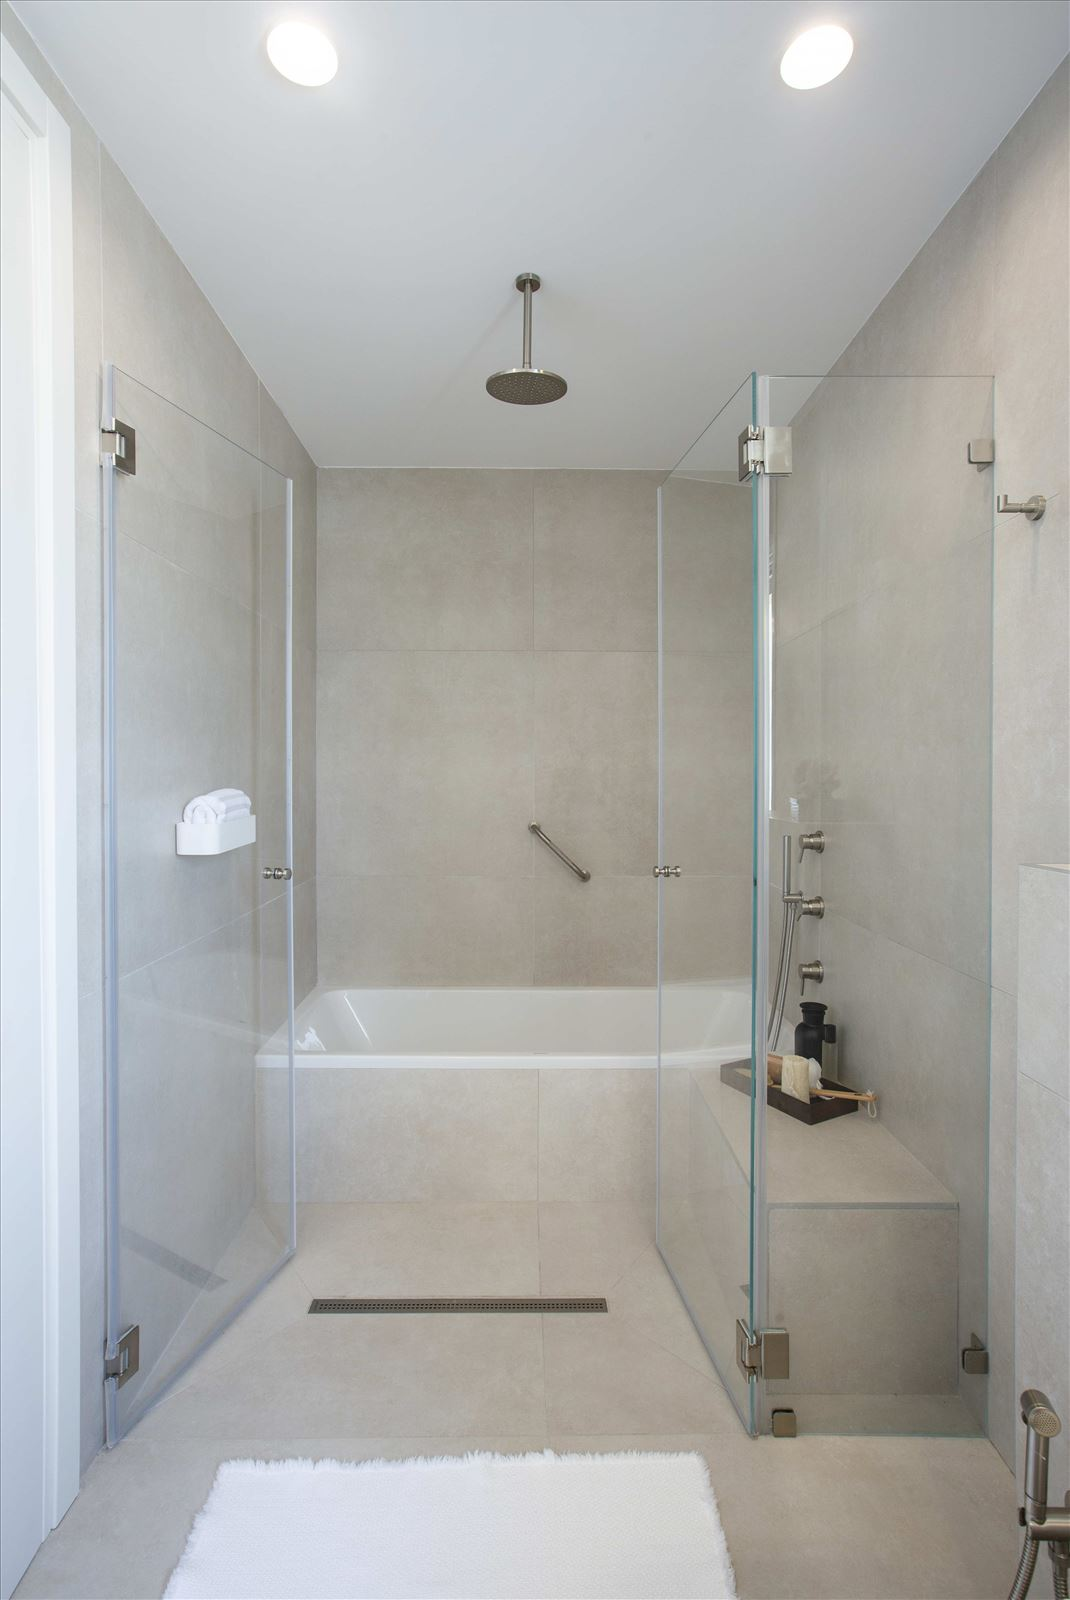 Tel Aviv apartment in Parisian aroma תאורת אמבטיה מבית דורי קמחי